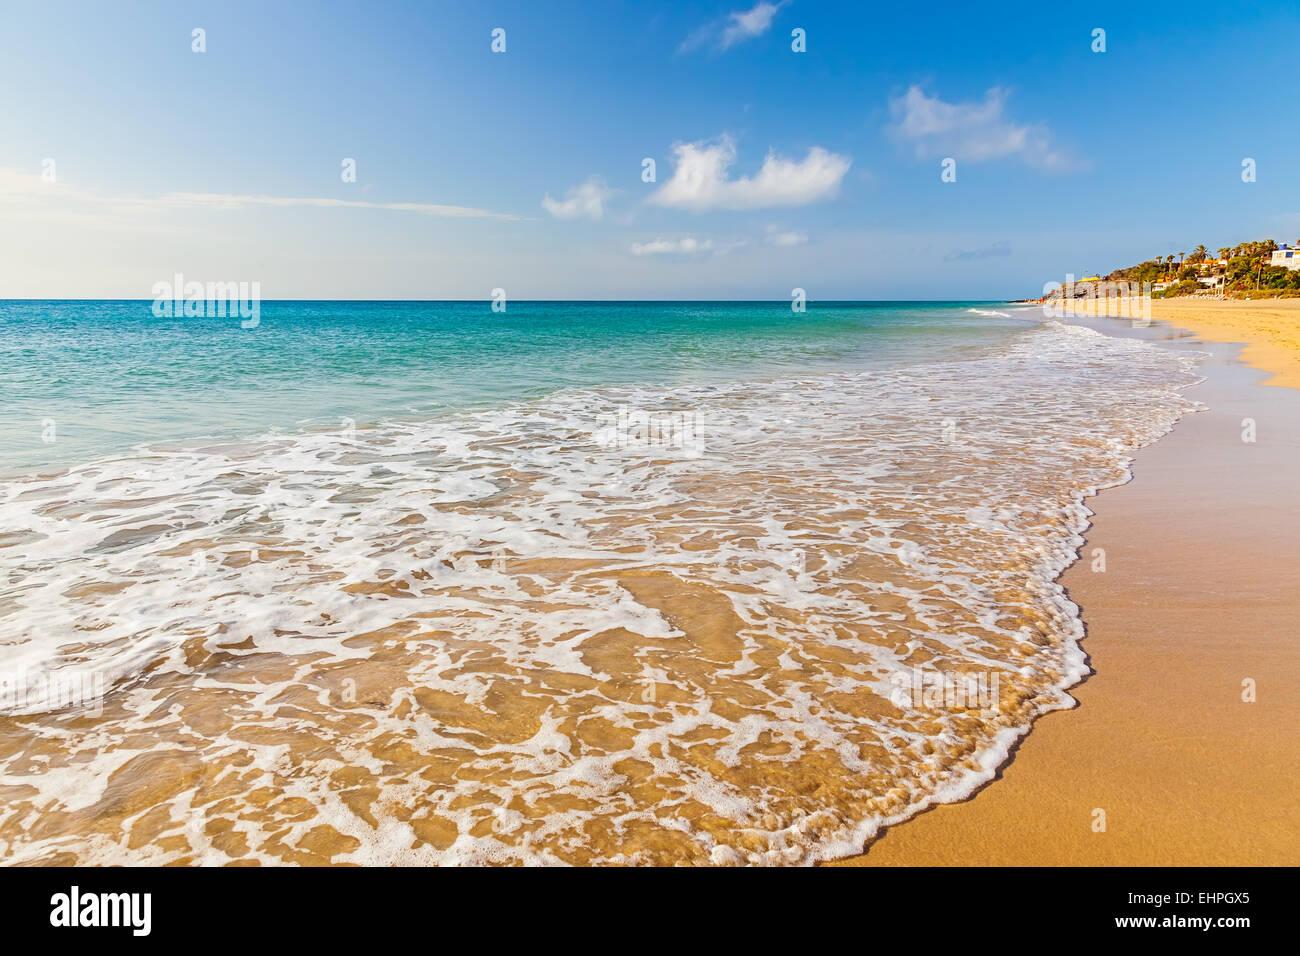 Belle plage sur l'océan Photo Stock